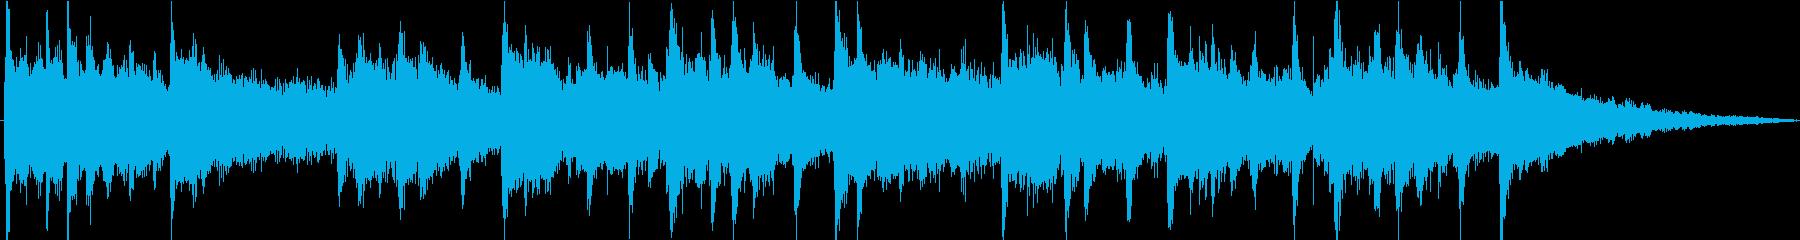 中華 ワールド 民族 モダン テク...の再生済みの波形